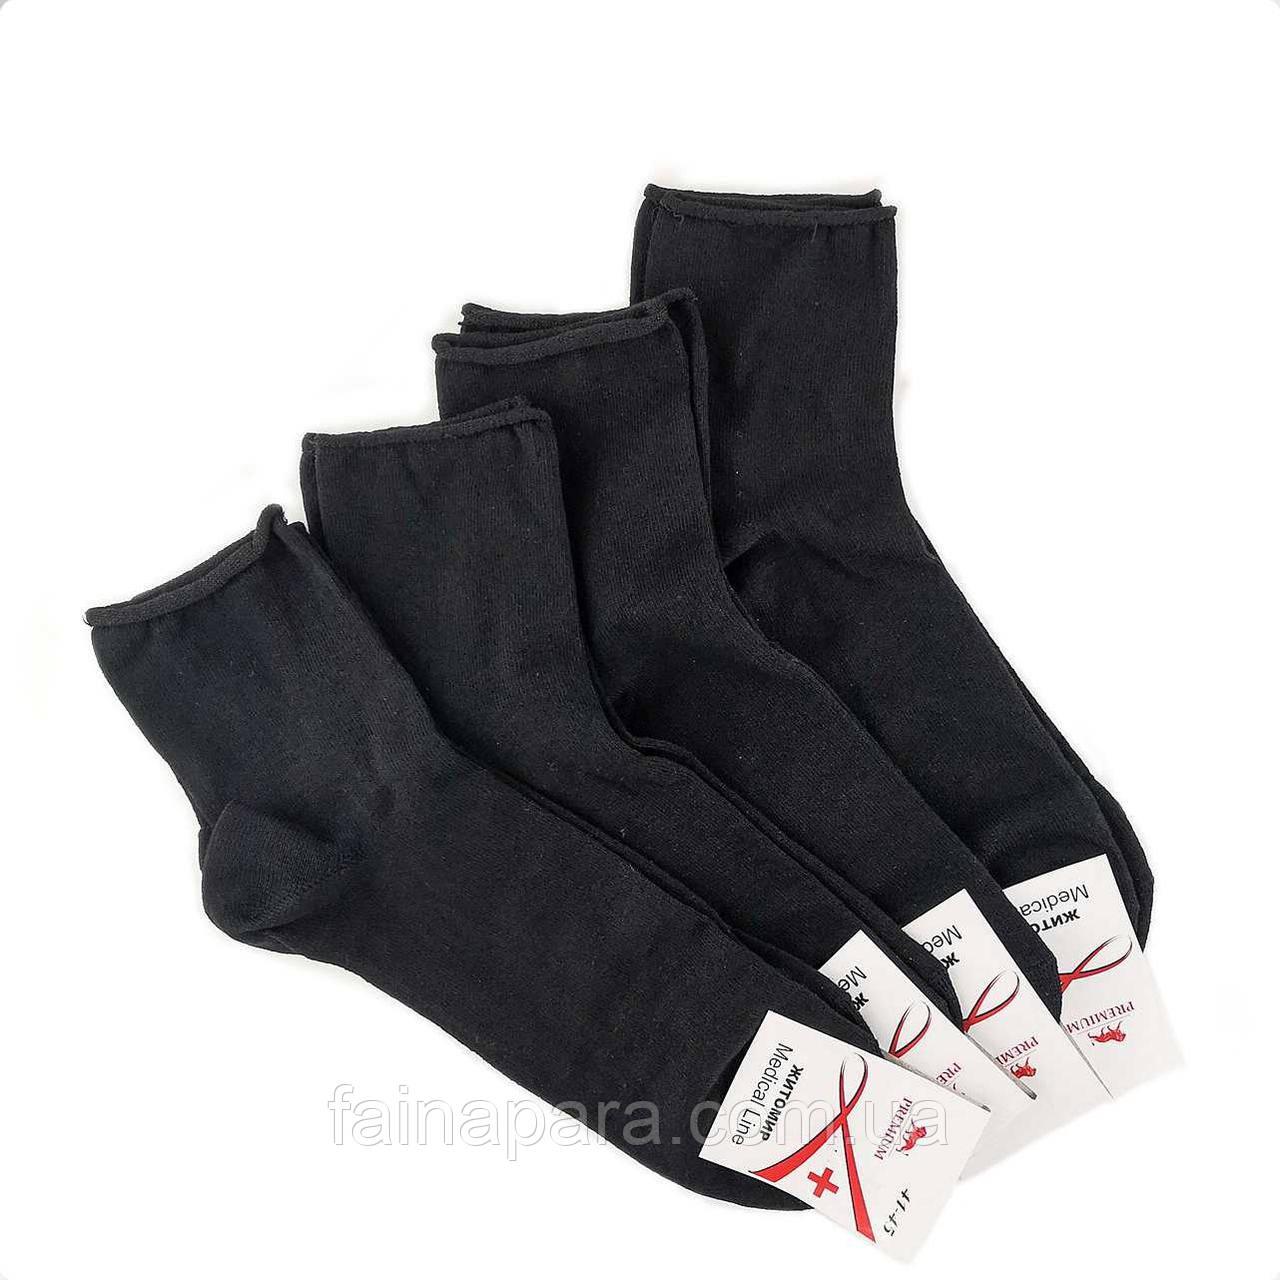 Медичні чоловічі шкарпетки без резинки Житомир середні